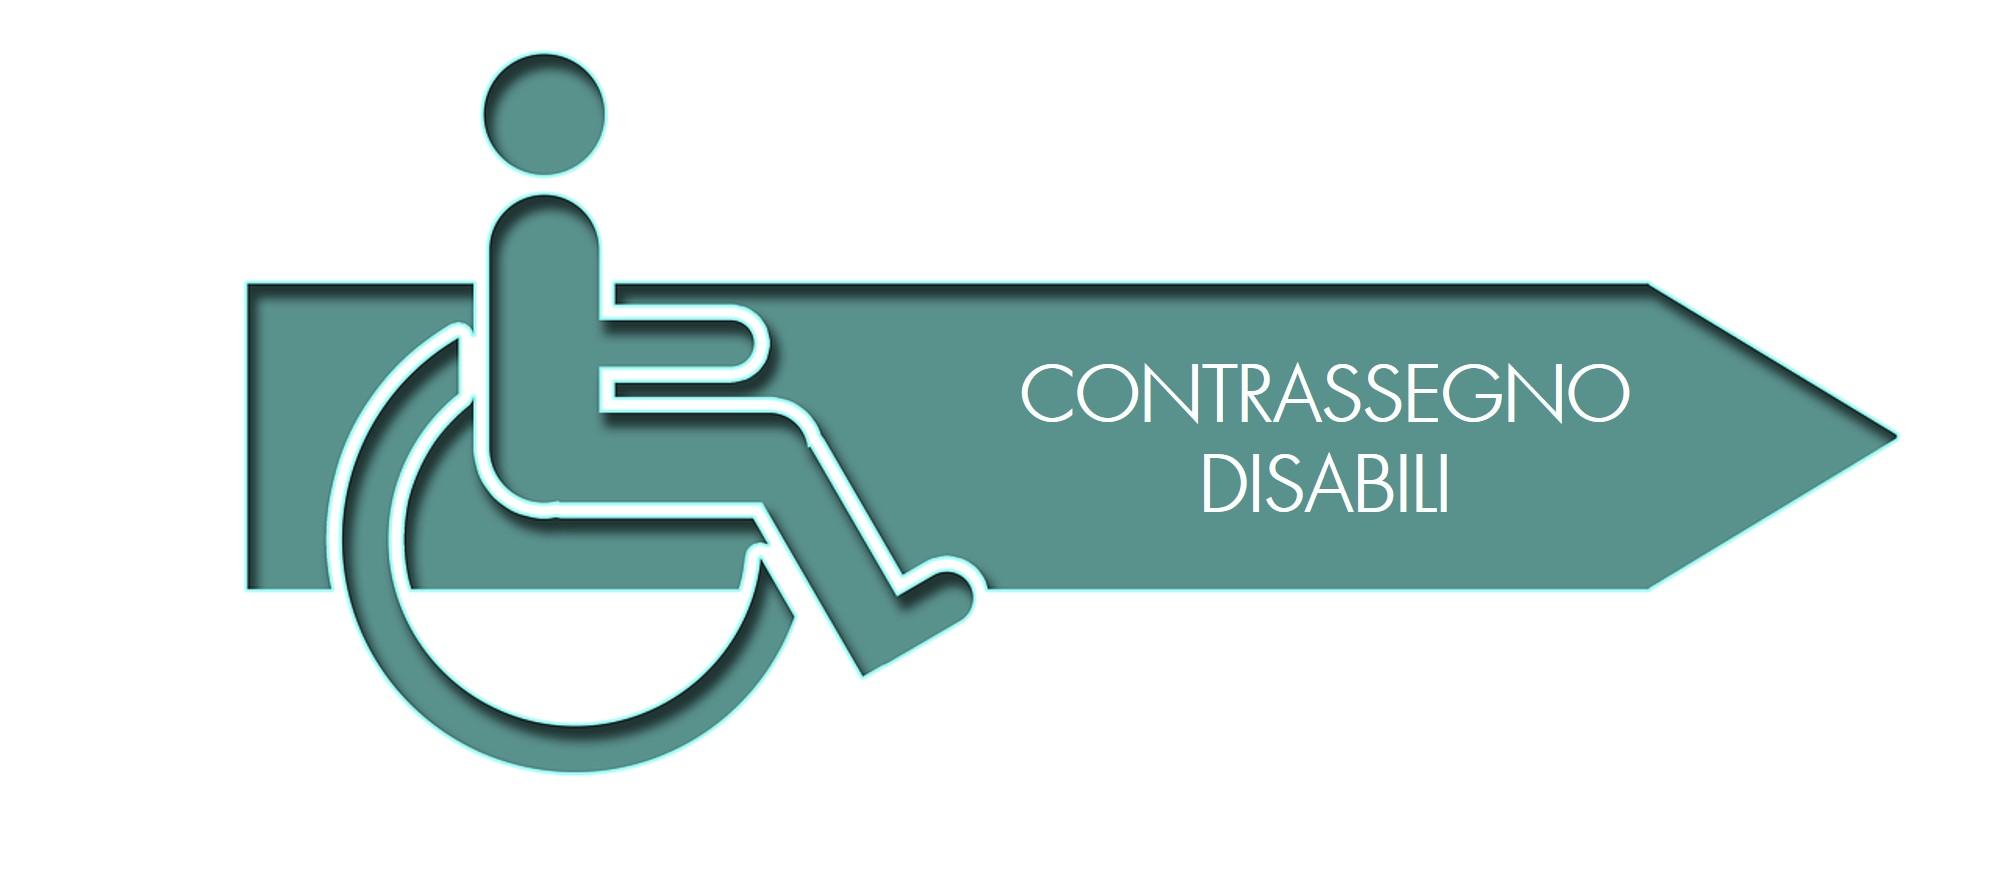 il cancro alla prostata si qualifica per disabilità